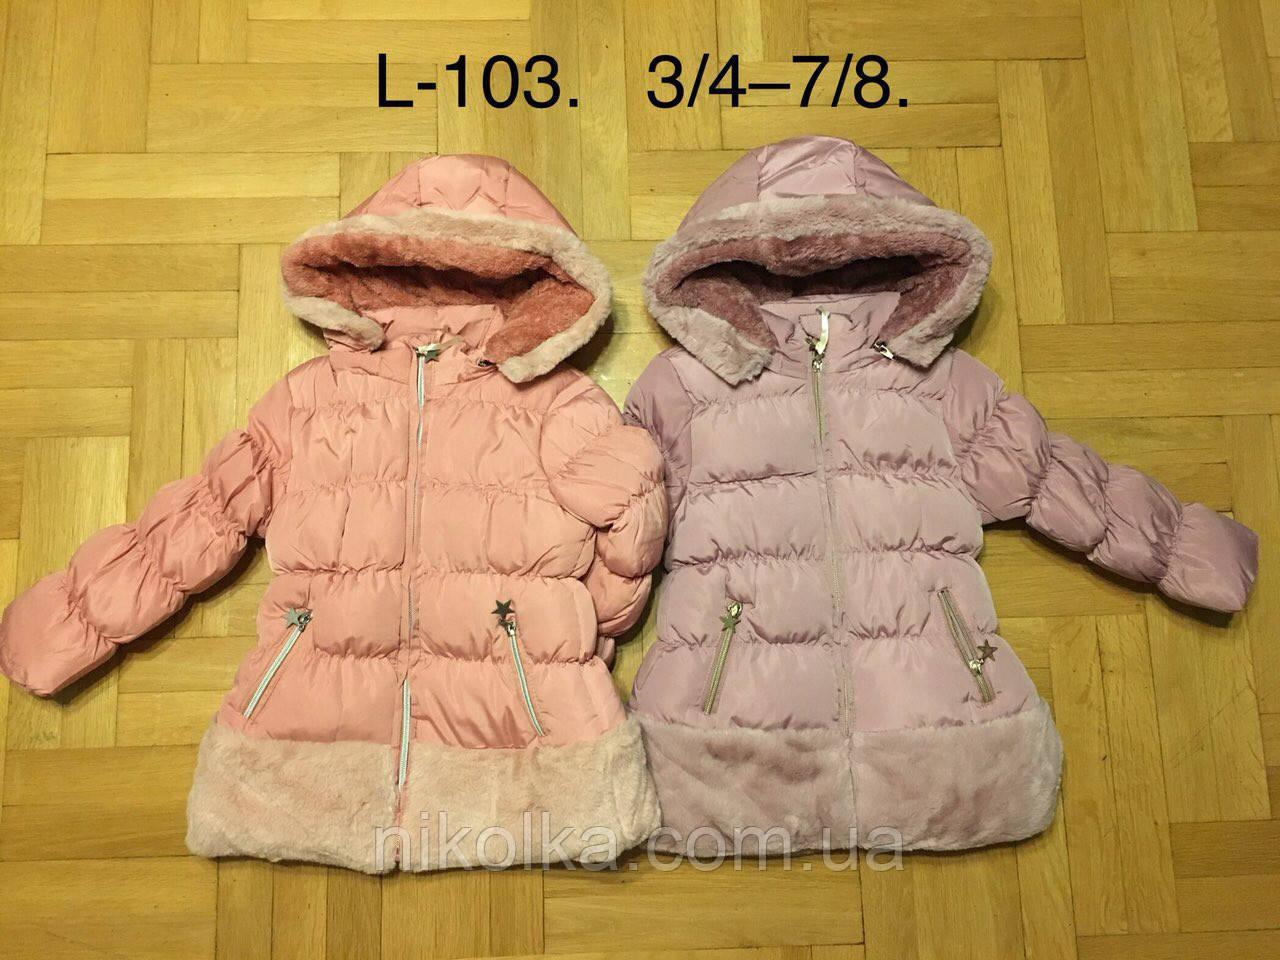 Куртки на меху для девочек оптом, F&D, 3/4-7/8 лет, арт. L-103